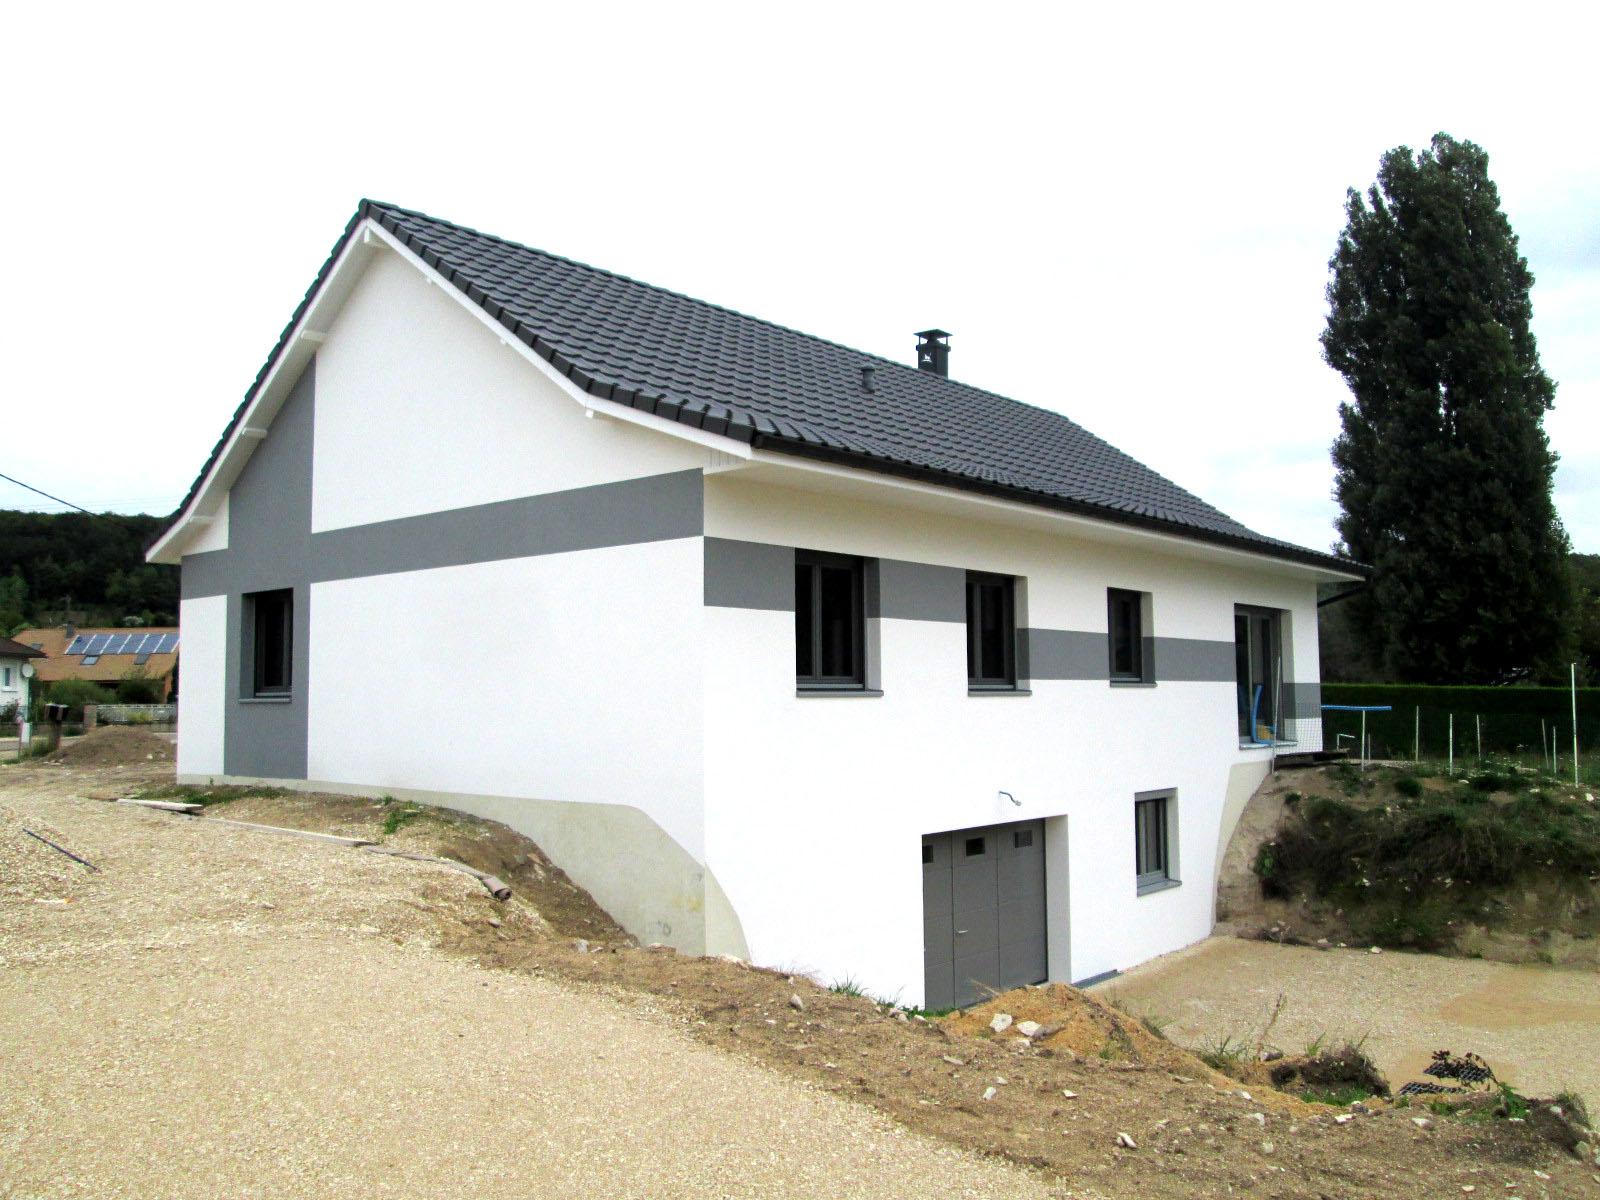 Enduit sur polystyr ne maison neuve ecovalis for Amelioration isolation maison